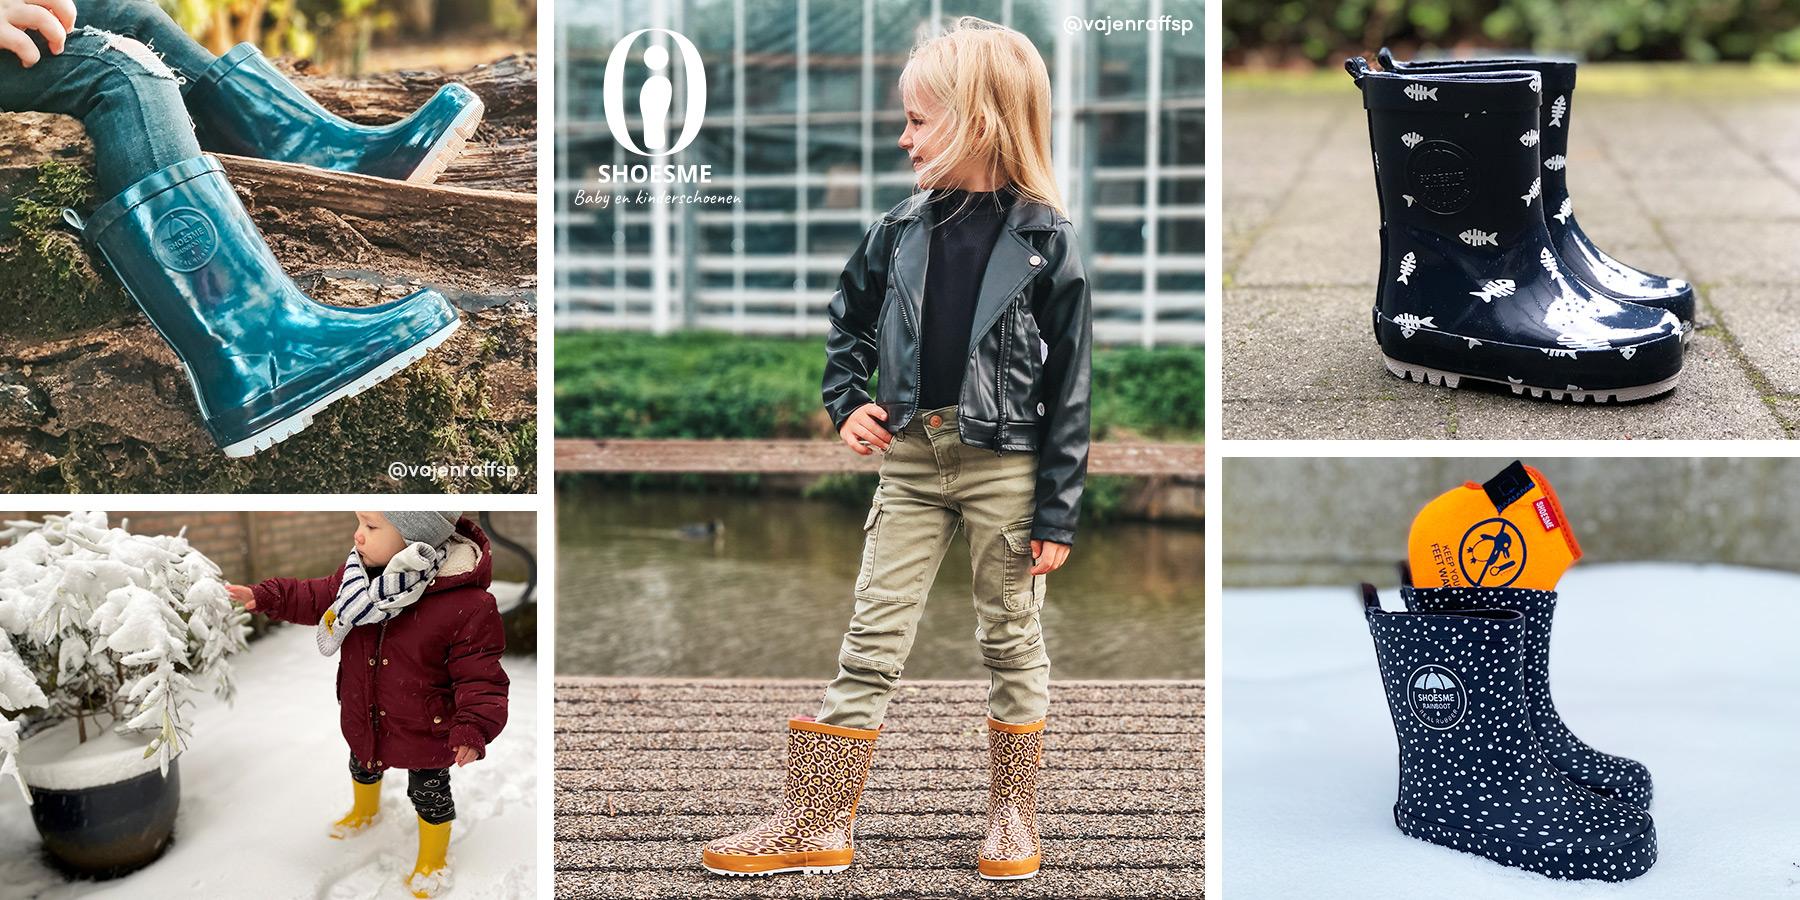 Shoesme regenlaarzen met fleecesokken